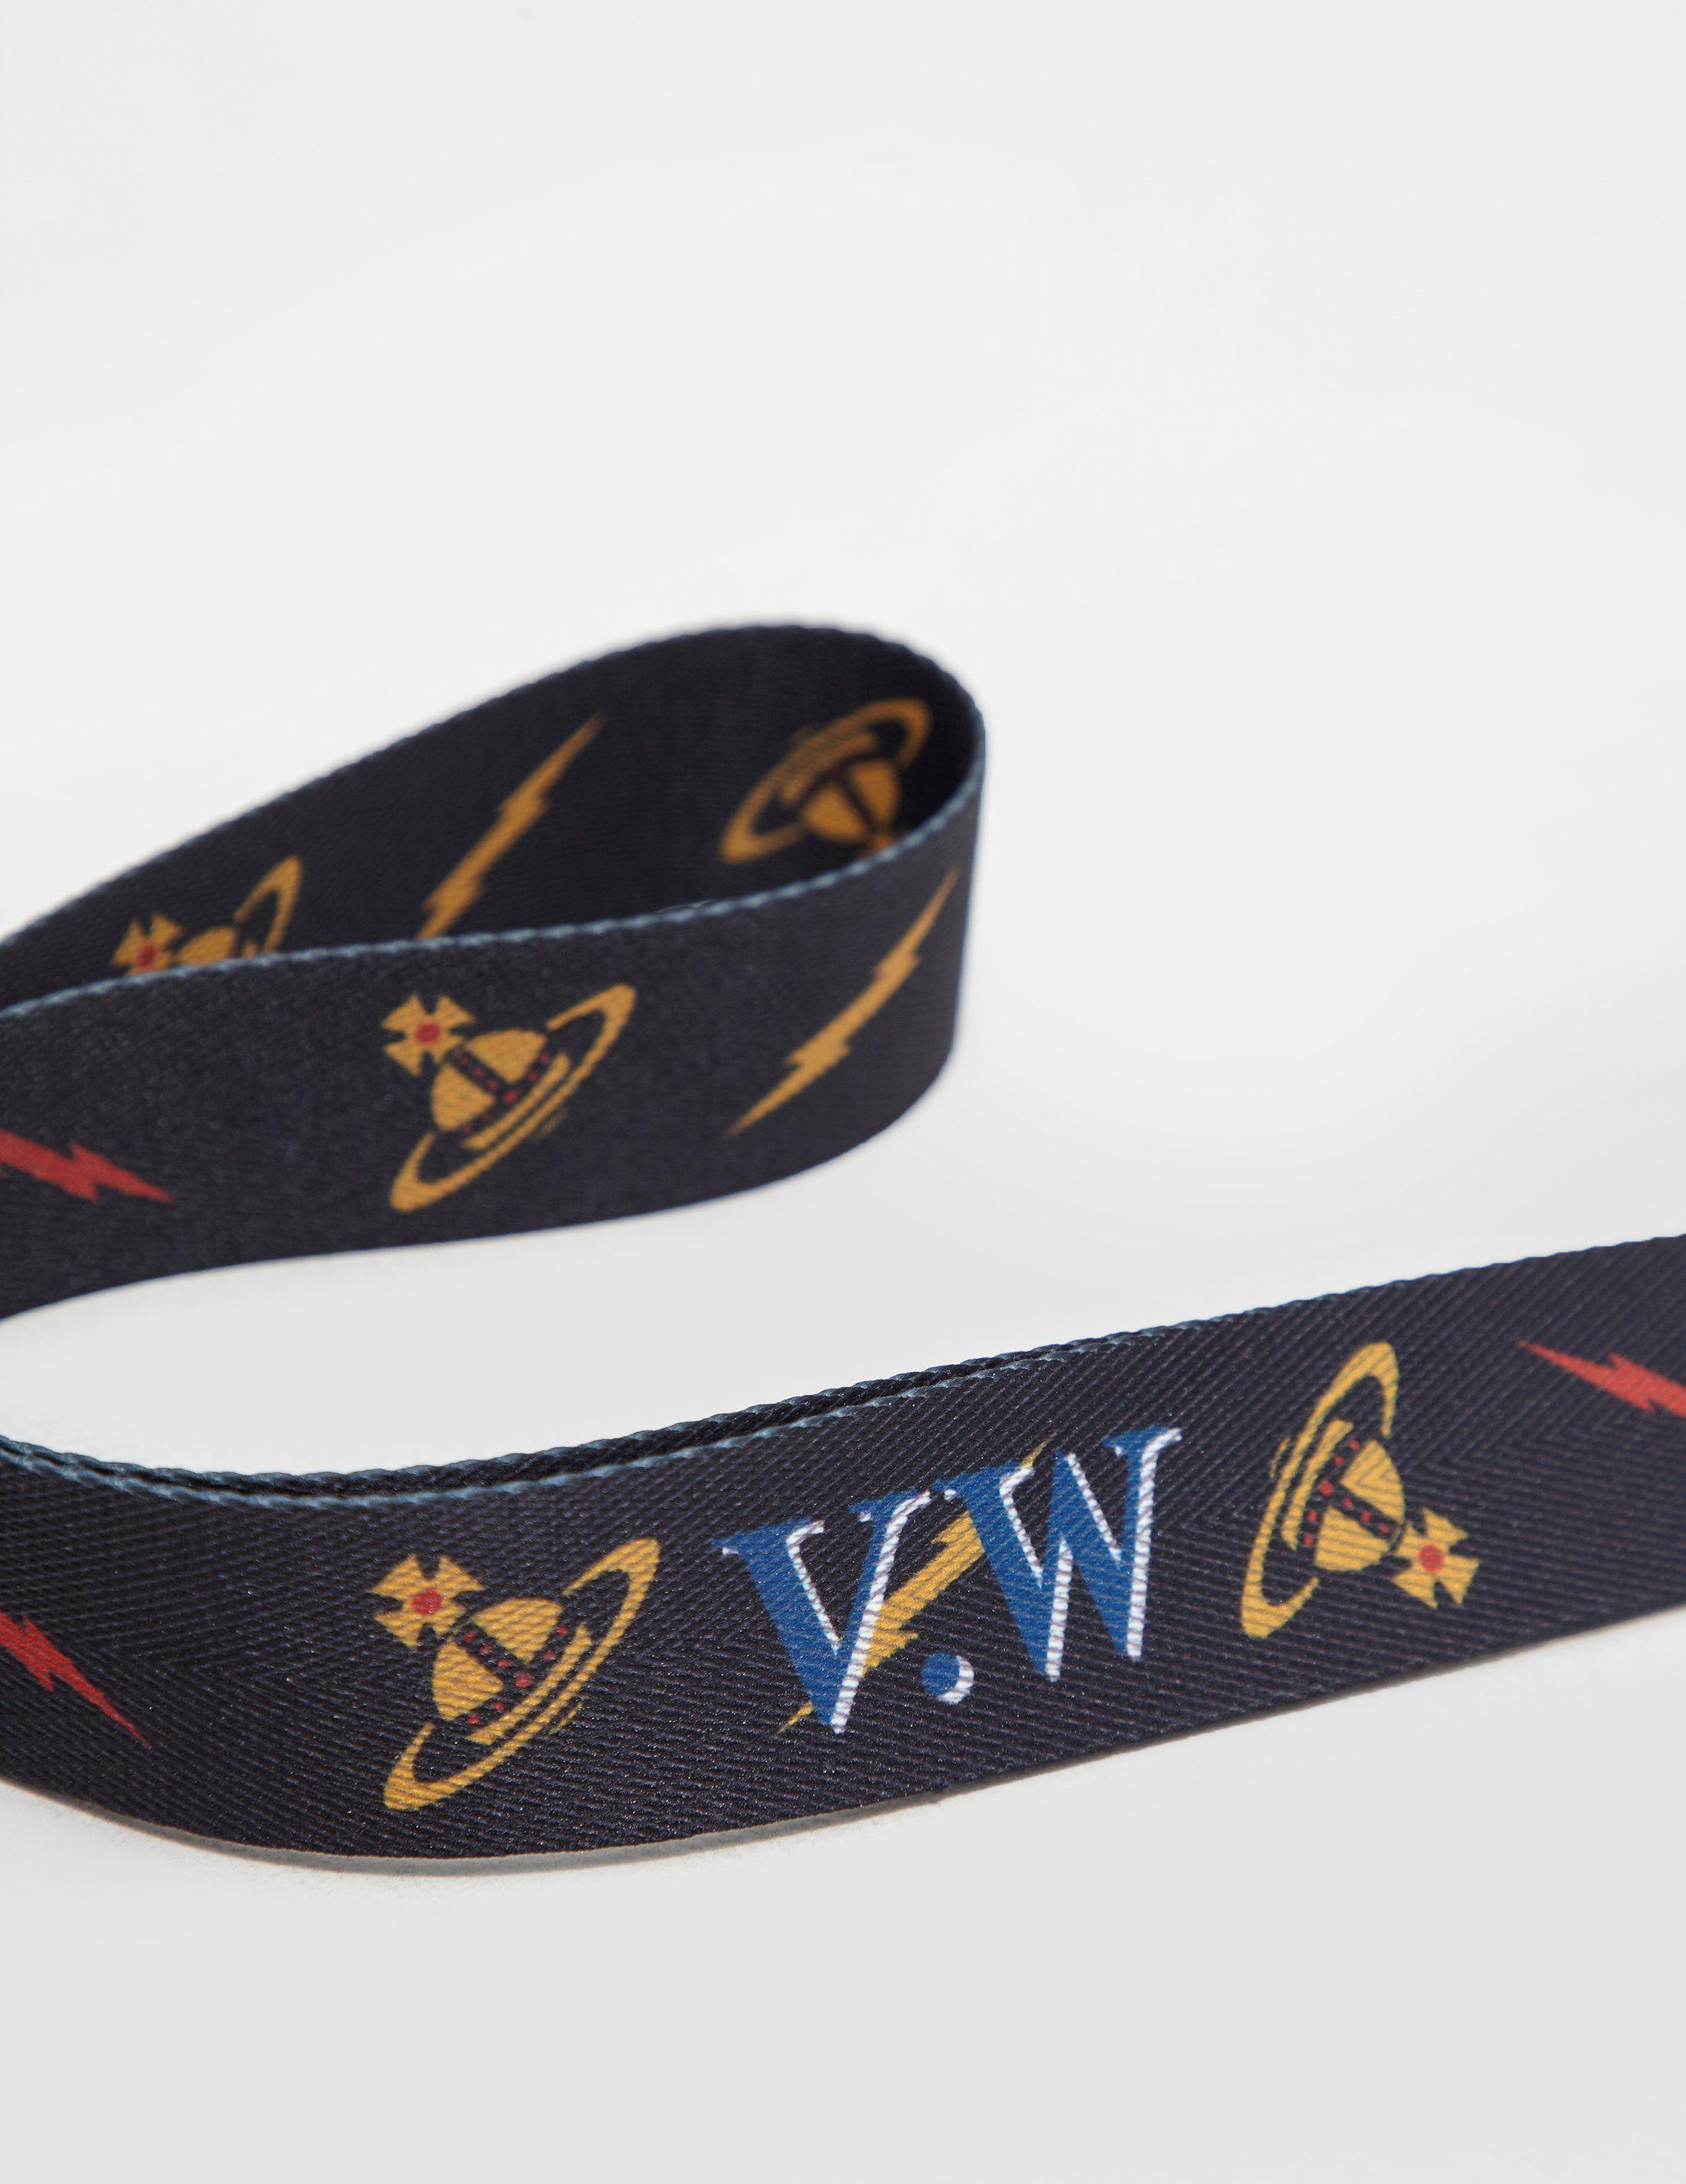 Vivienne Westwood Card Lanyard - Online Exclusive